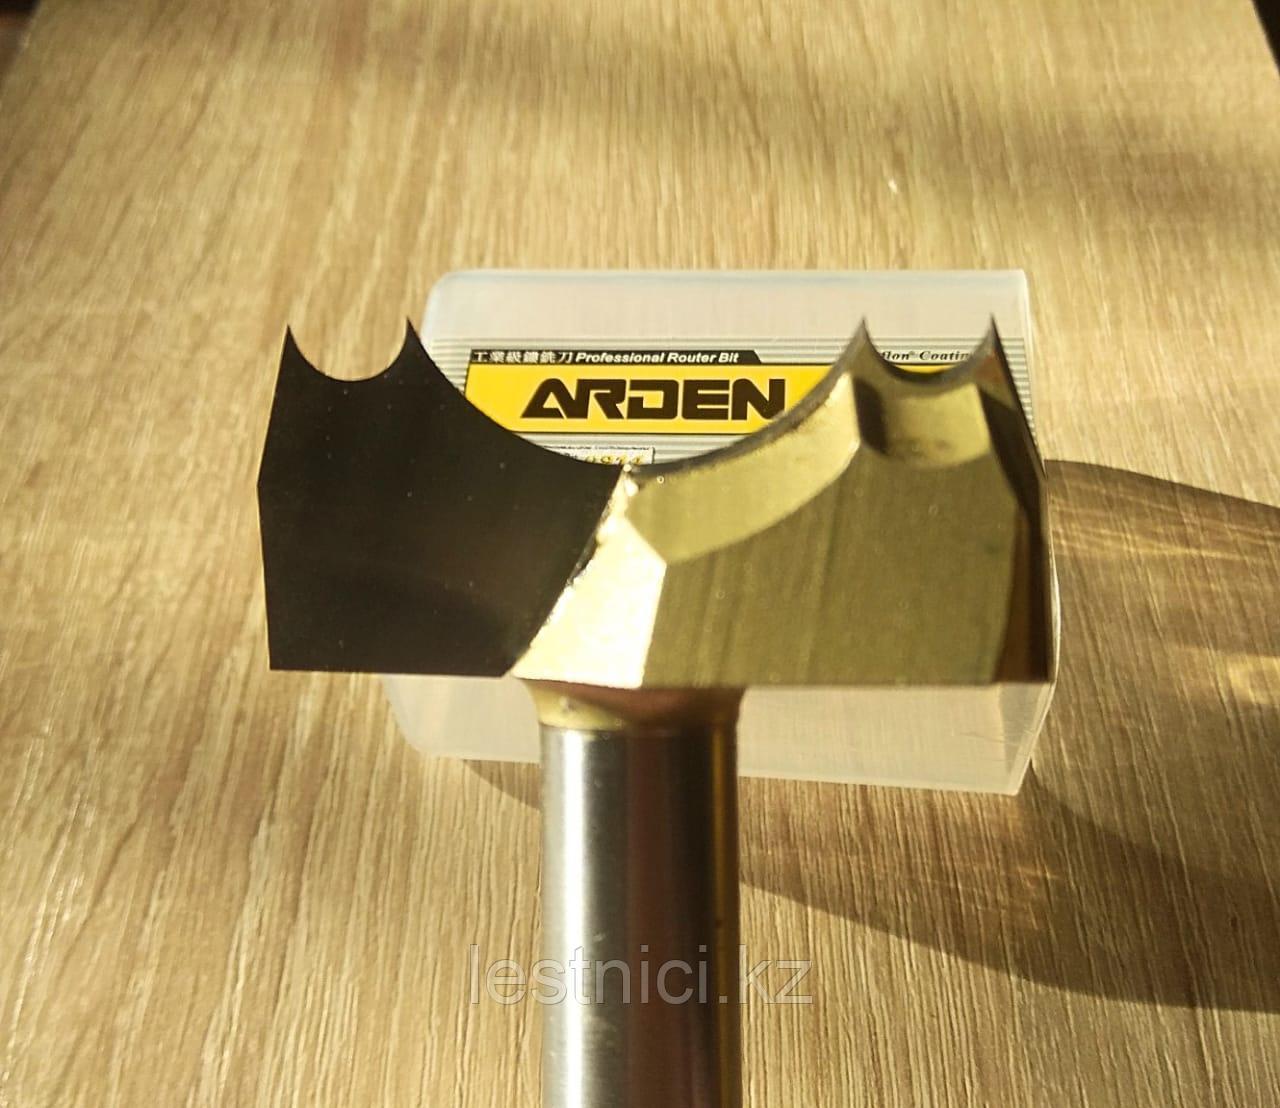 Фреза Arden 0914258 1/2*2 D=50.80 R=15.51 H=9.50  Двойной шаровой нож с драконом